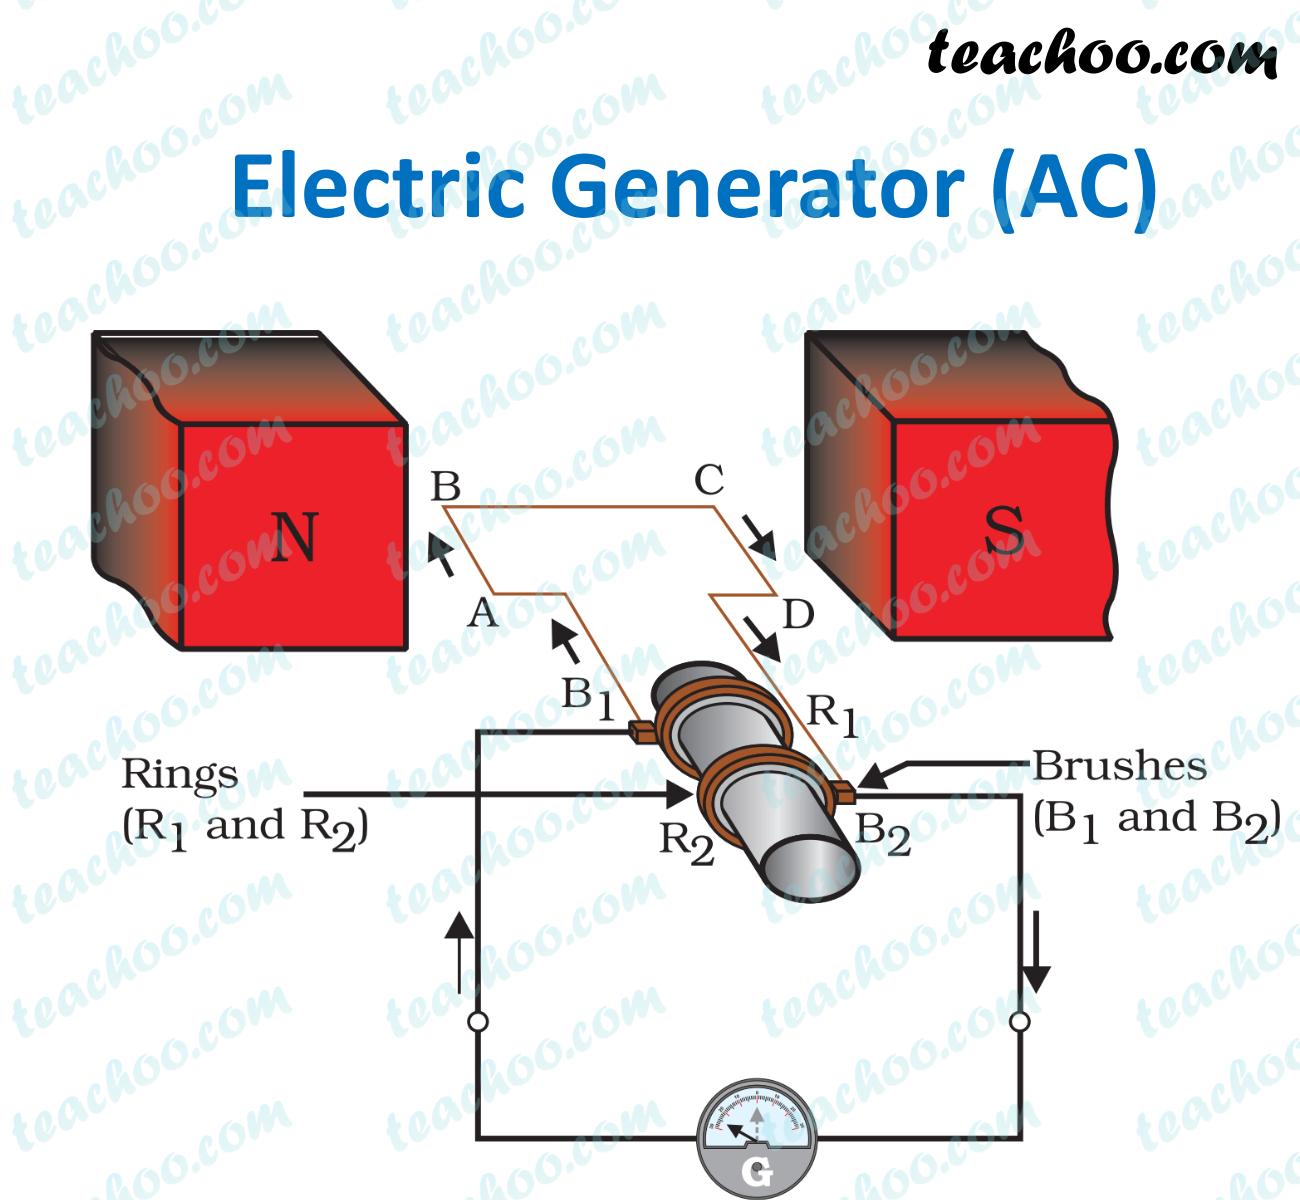 electric-generator---teachoo.jpg